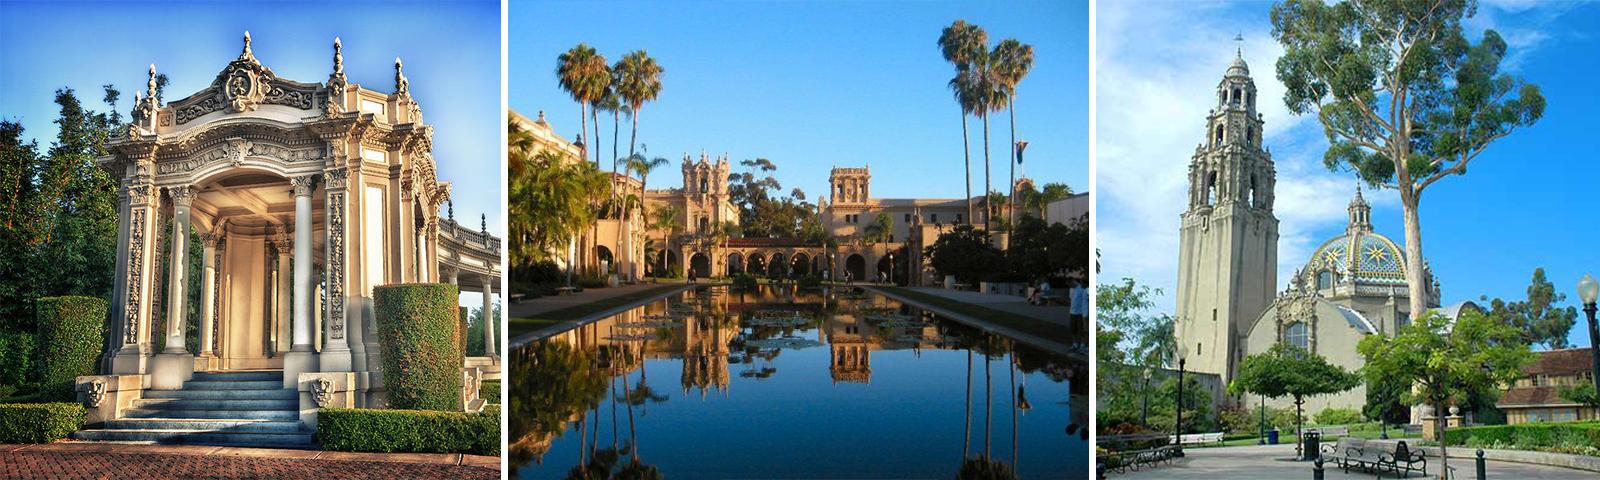 Balboa+Park+images.jpg.